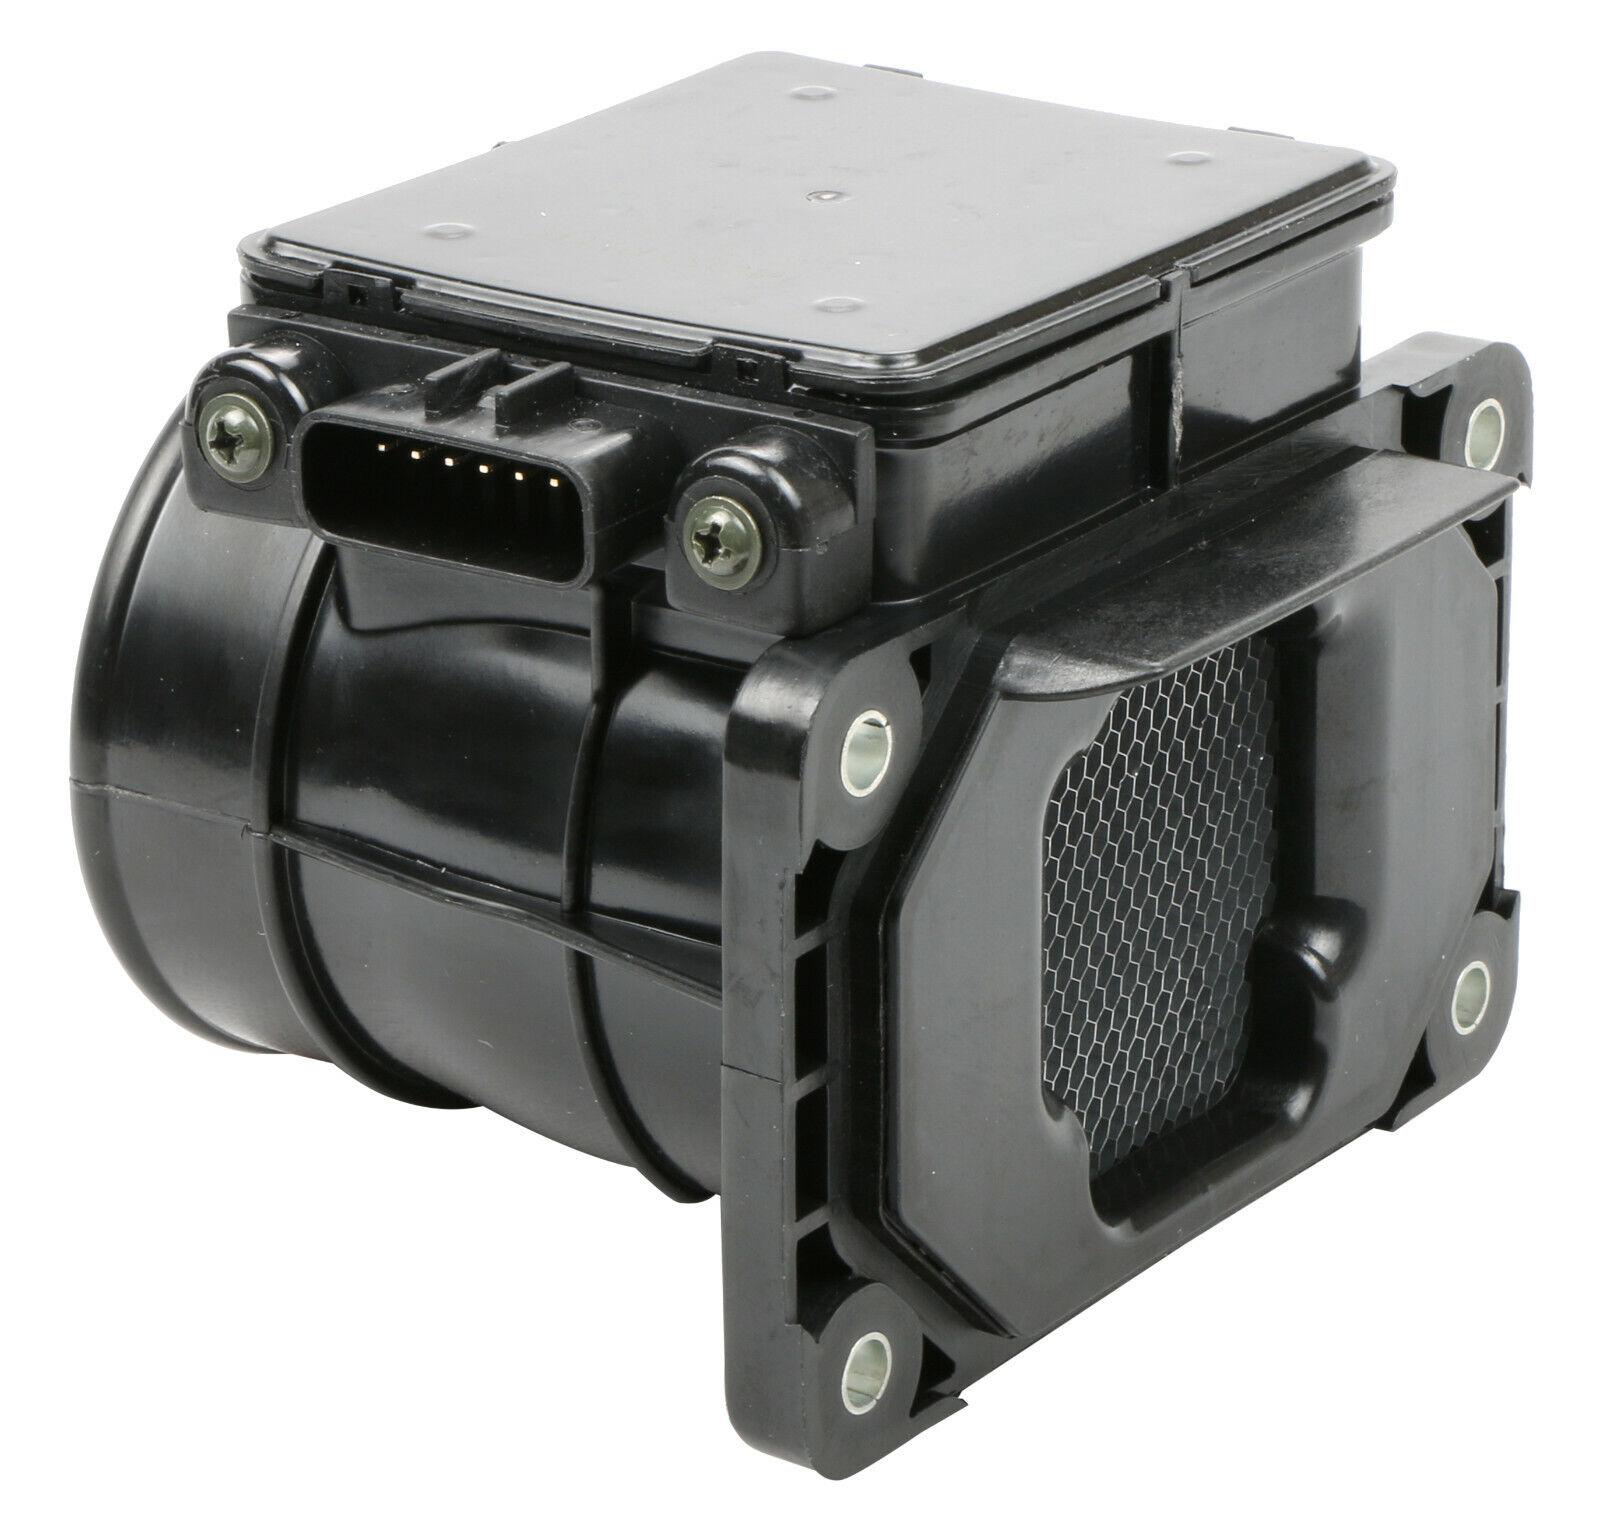 NEW Mass Air Flow Meter MAF Sensor For Mitsubishi Montero Lancer MD343605